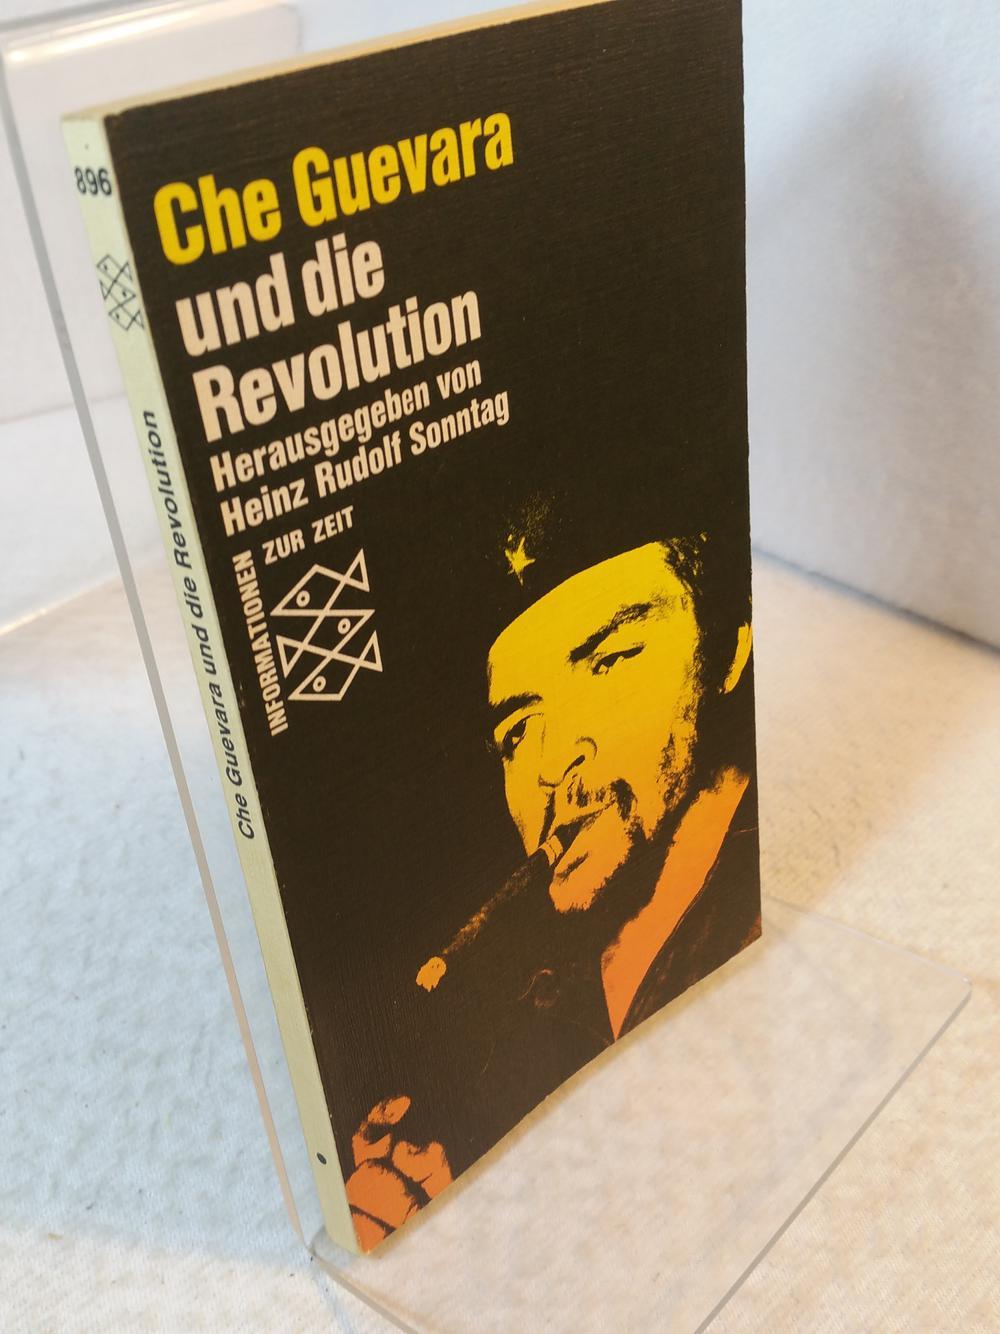 Che Guevara und die Revolution Hrsg. von Heinz Rudolf Sonntag / Fischer-Bücherei ; 896 : Informationen zur Zeit - Sonntag, Heinz Rudolf (Mitwirkender) und Che (Mitwirkender) Guevara